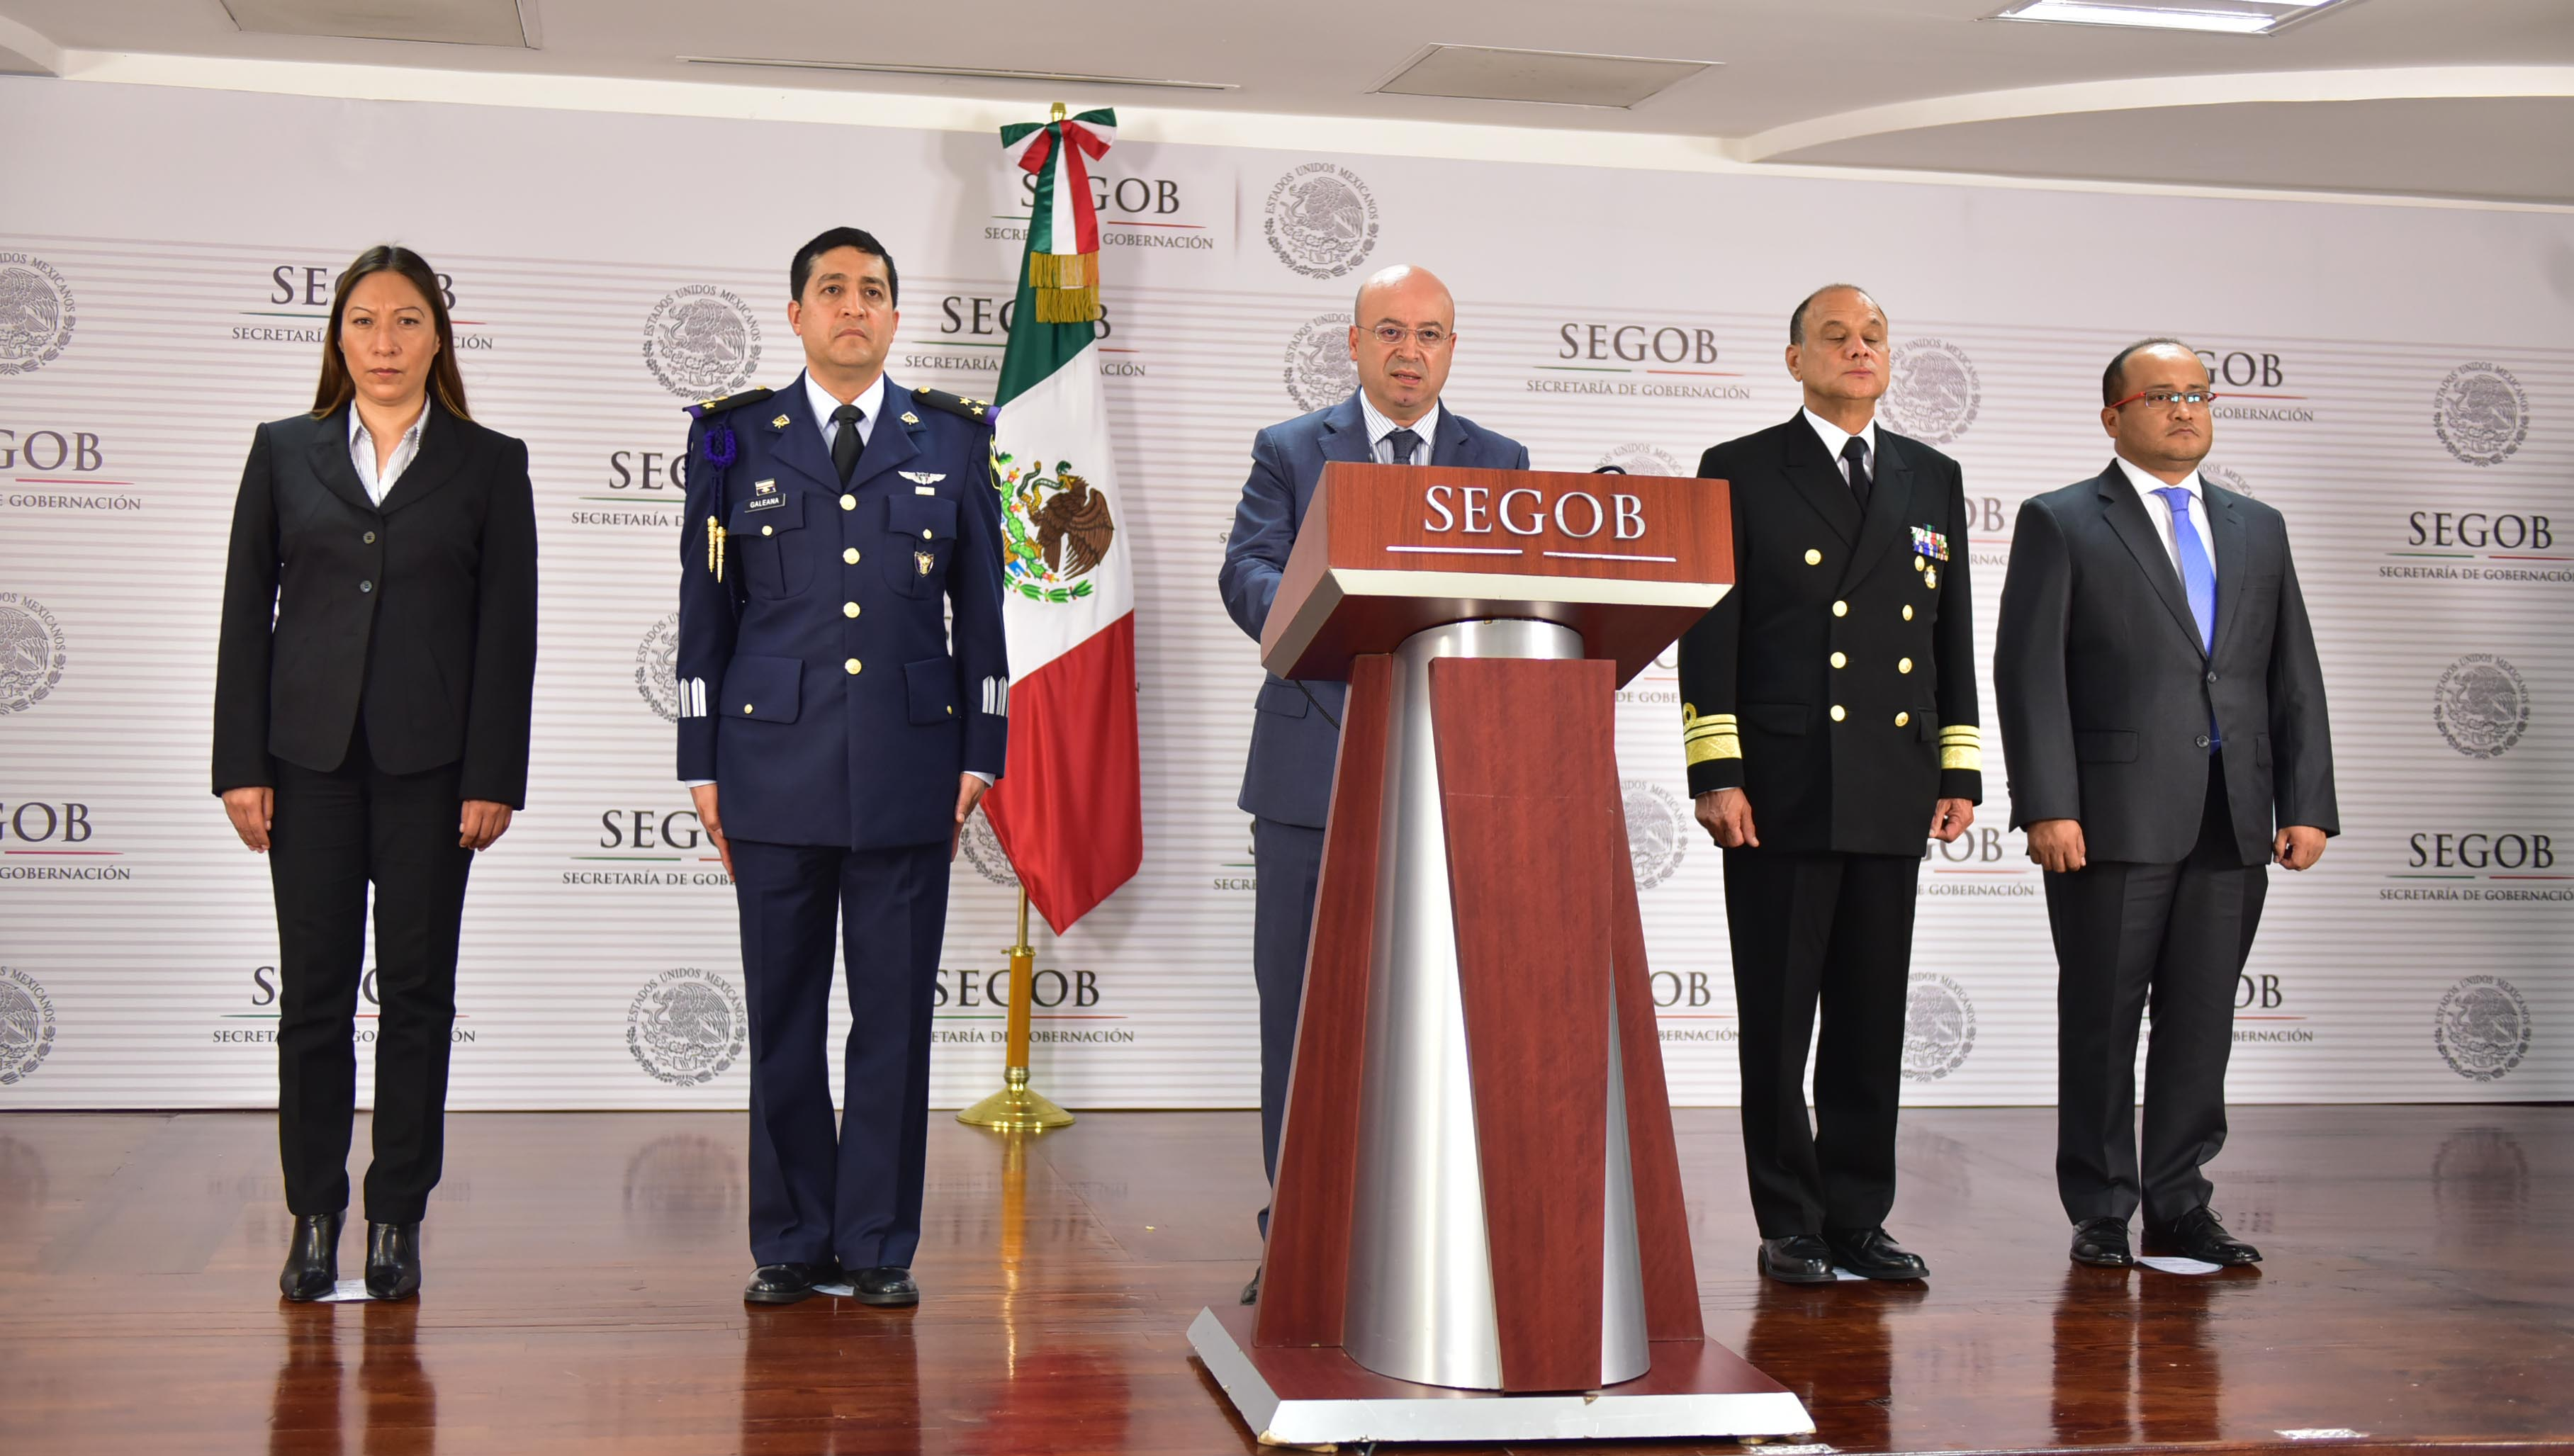 Comisionado Nacional de Seguridad, Renato Sales Heredia, anuncia la captura de uno más de los 122 objetivos prioritarios establecidos por el Gobierno de la República al inicio de esta administración